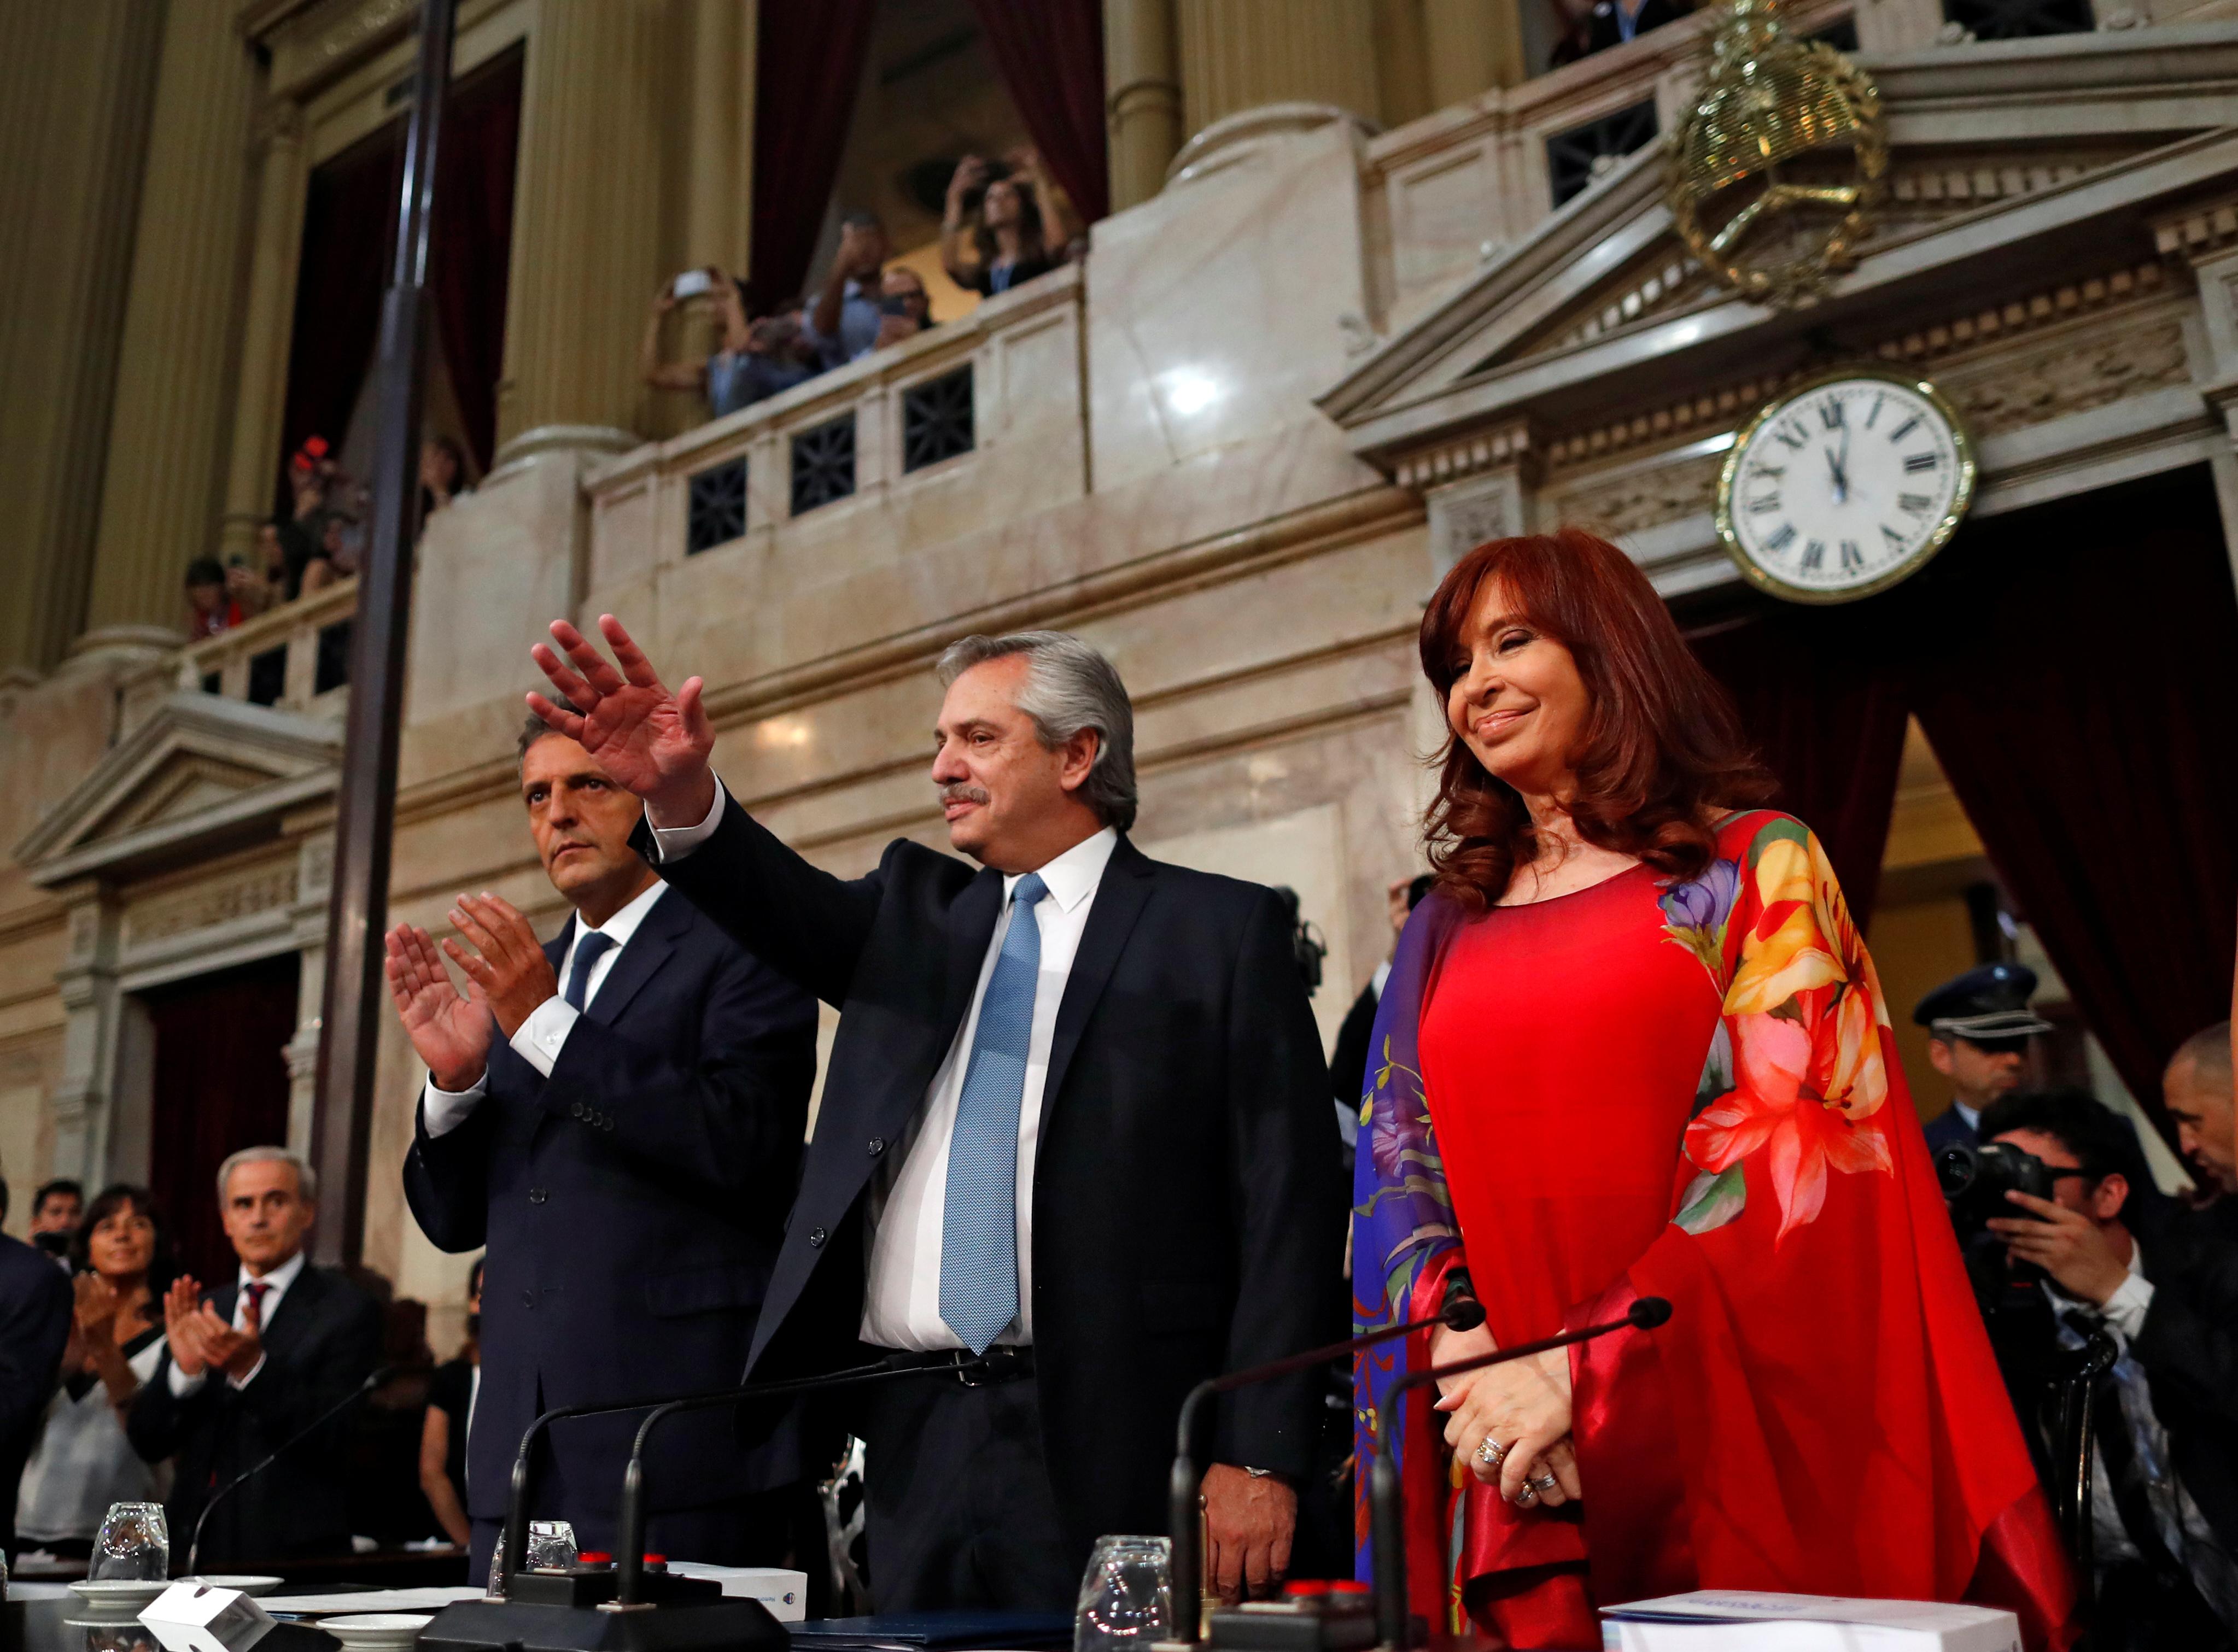 La apuesta de Cristina Fernández por un atuendo de varios tonos y estampas logró convertirse en el centro de todas las miradas. Su elección de maquillaje y cabello se mantuvieron dentro del estilo que ya es parte de su marca registrada, incluso en este caso donde el cabello cubre en parte la estampa sobre el hombro